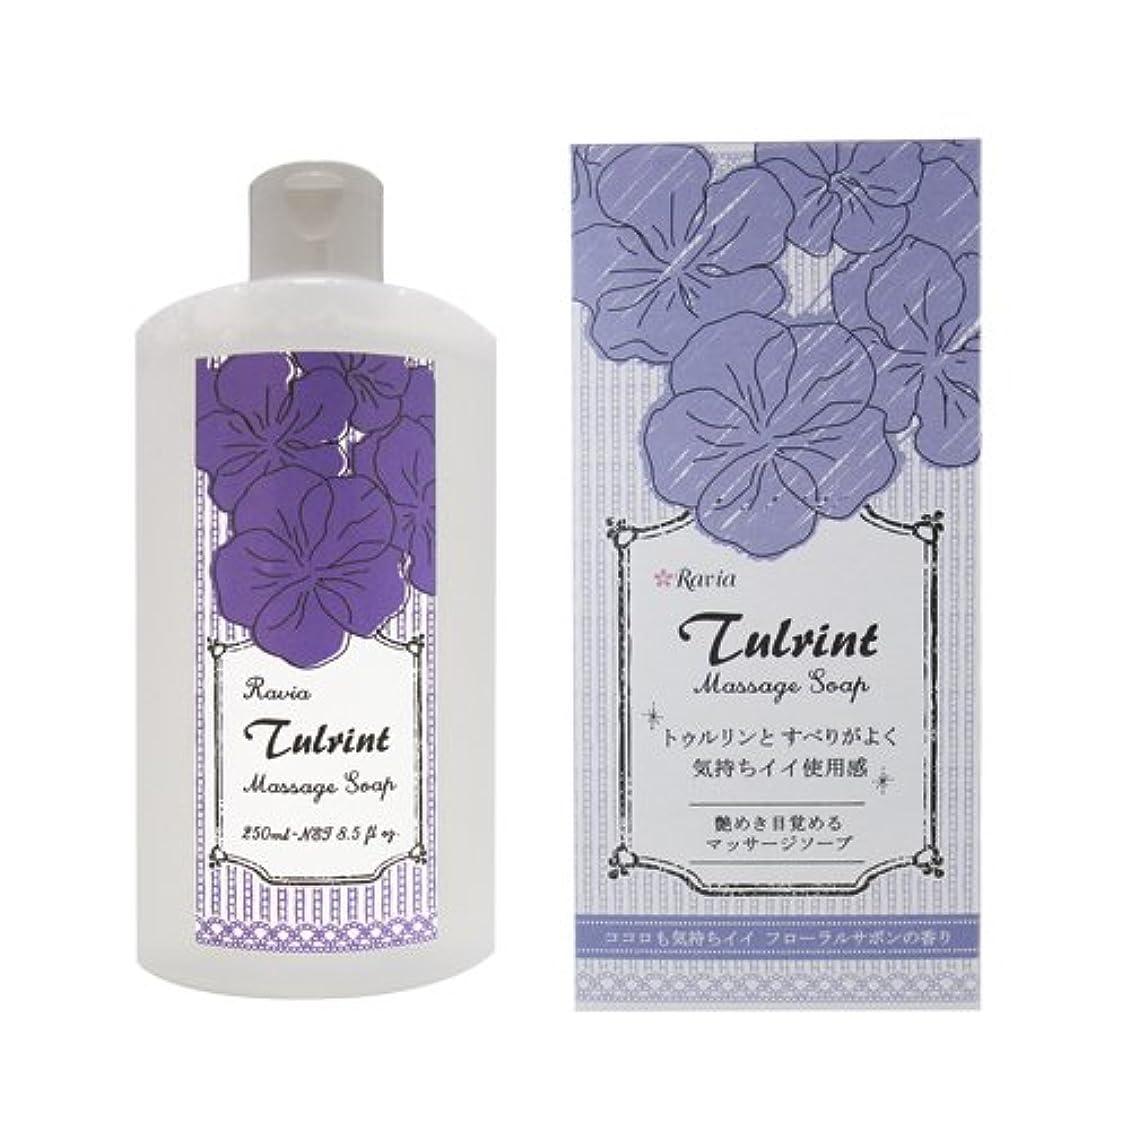 環境どちらかいとこ【マッサージソープ】ラヴィア(Ravia) トゥルリント マッサージソープ(Tulrint Massage soap) 250ml フローラルサボンの香り